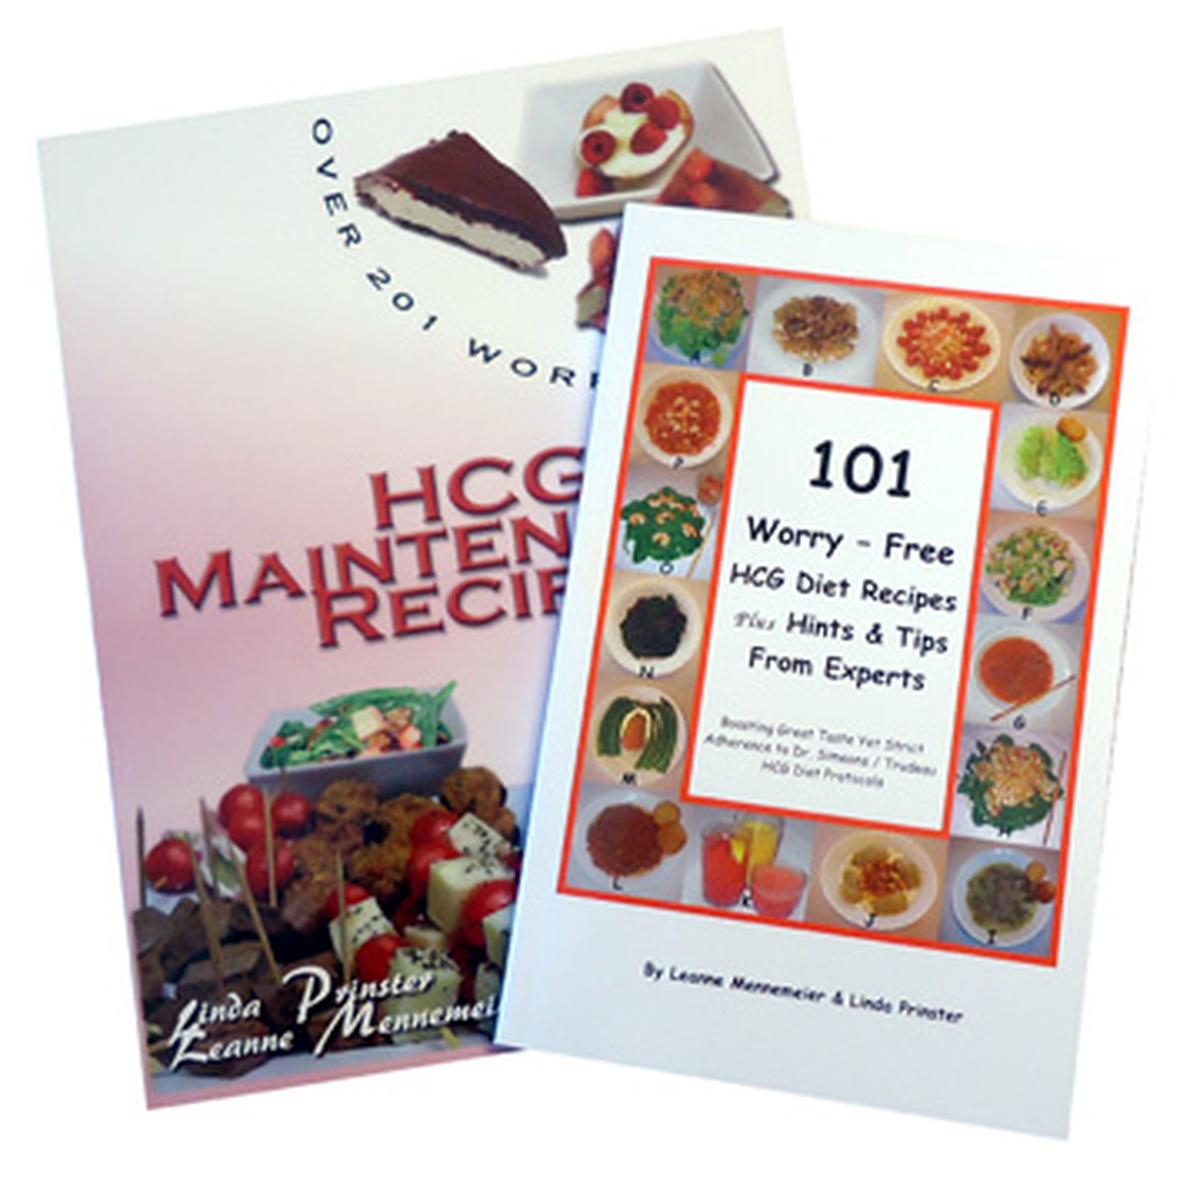 cookbooks-for-hcg-diet.jpg